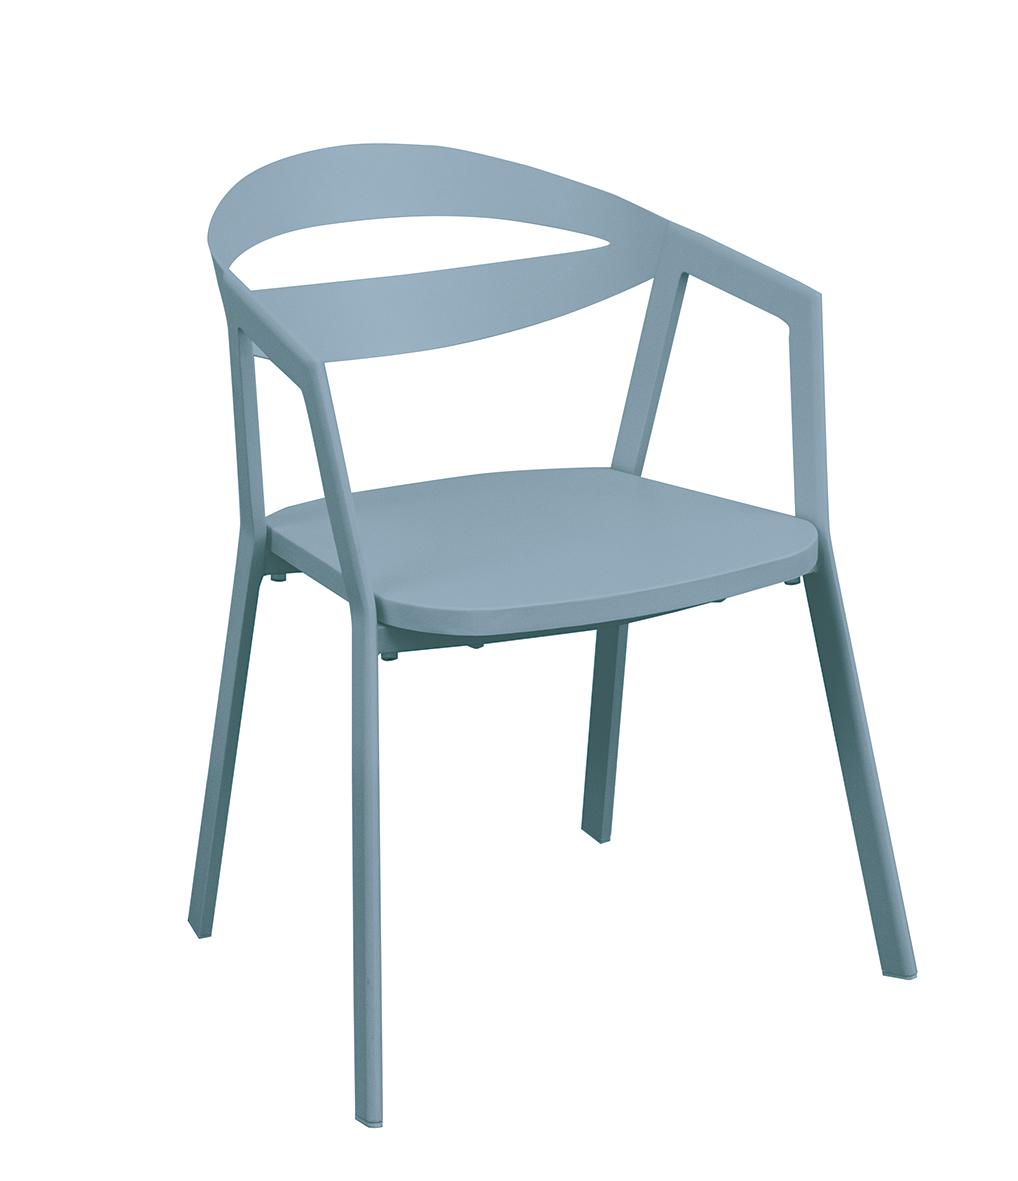 Chaise de terrasse restaurant h tel chaise longue piment for Chaises longues terrasse